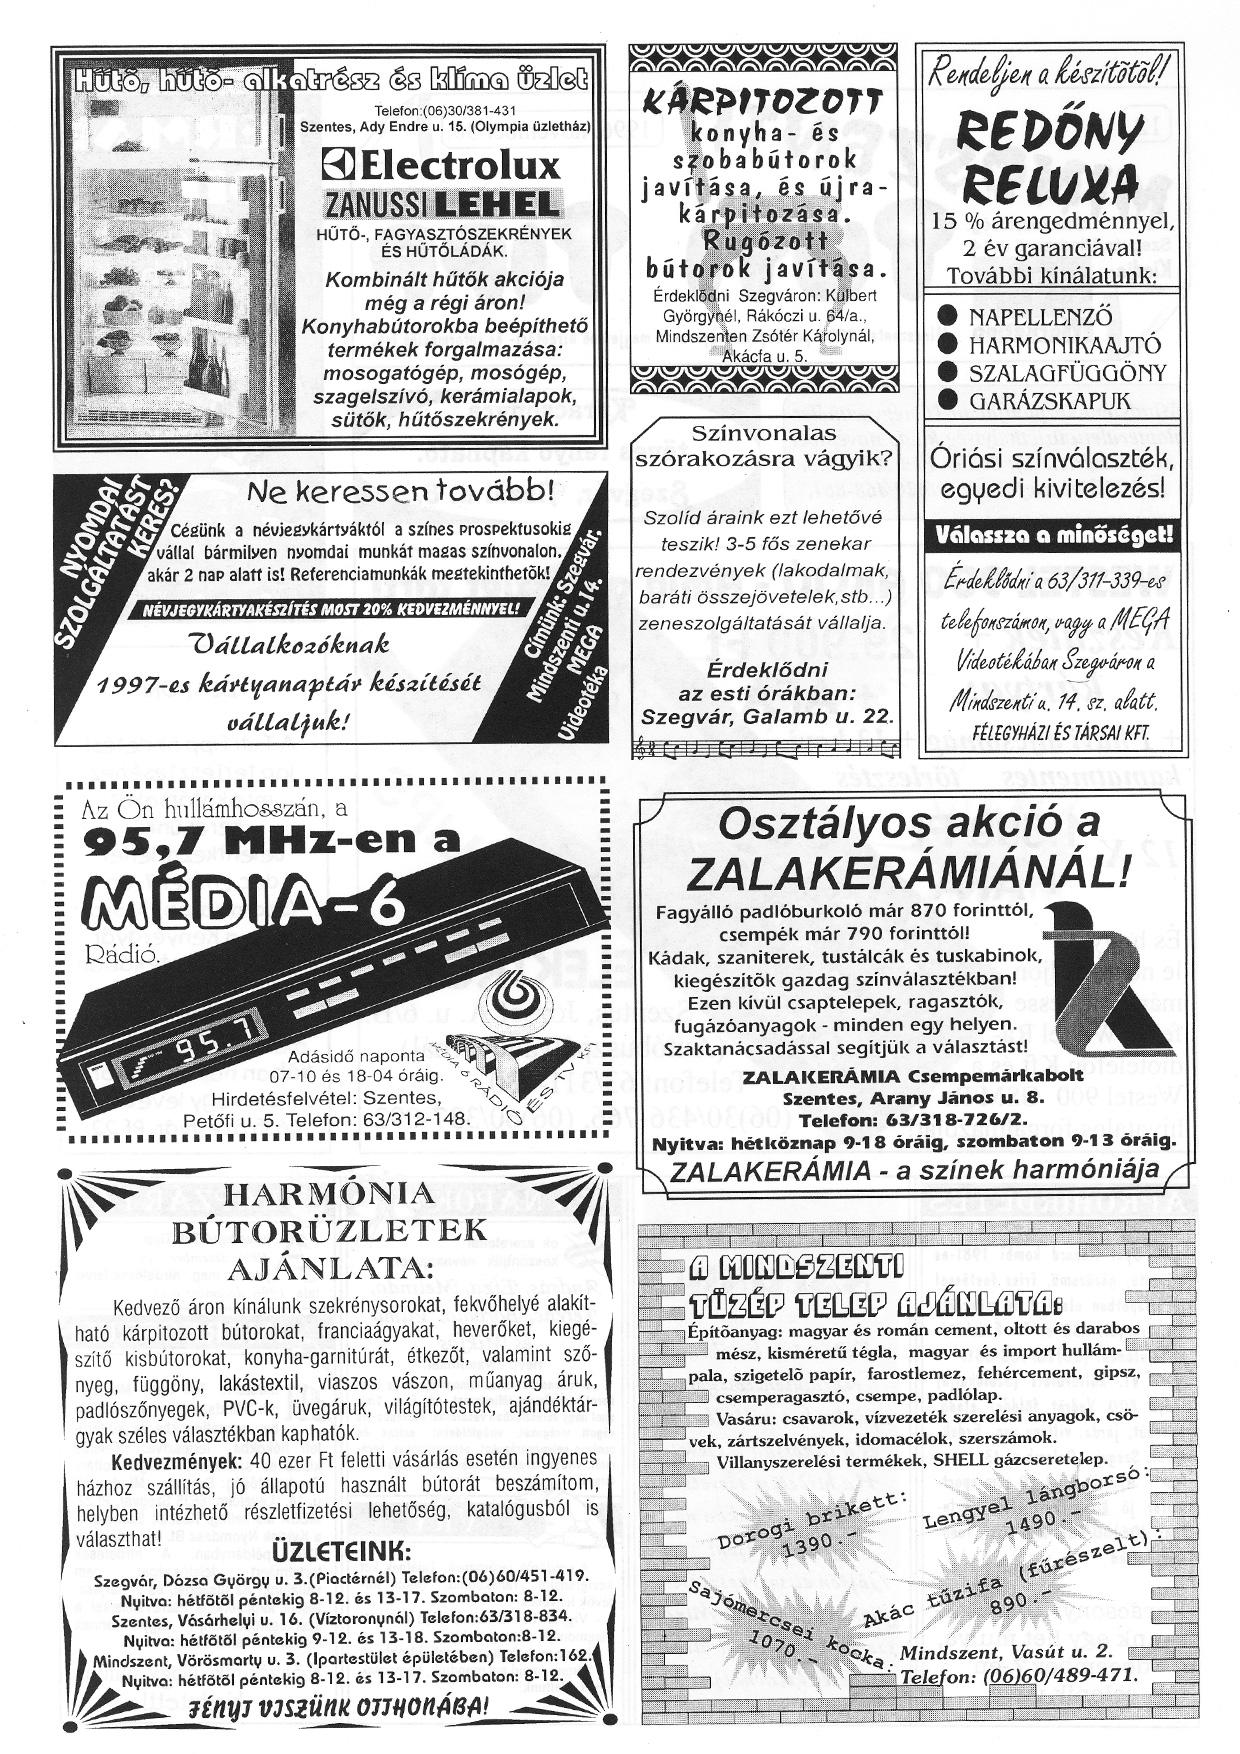 076 Mindszenti Tuti Tipp reklámújság - 19961130-012. lapszám - 2.oldal - II. évfolyam.jpg